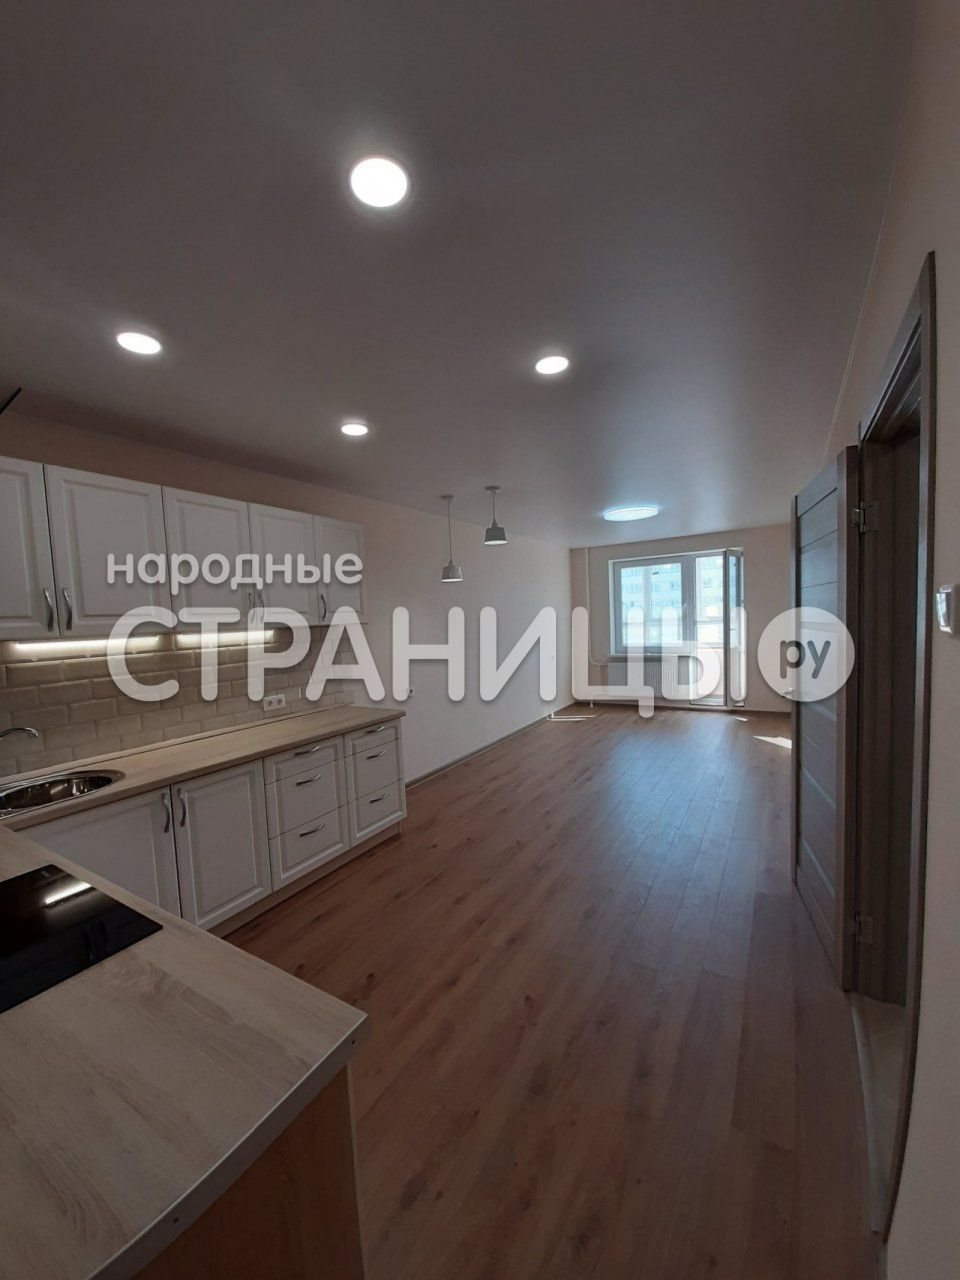 2-комнатная квартира, 47.3 м²,  17/17 эт. Панельный дом